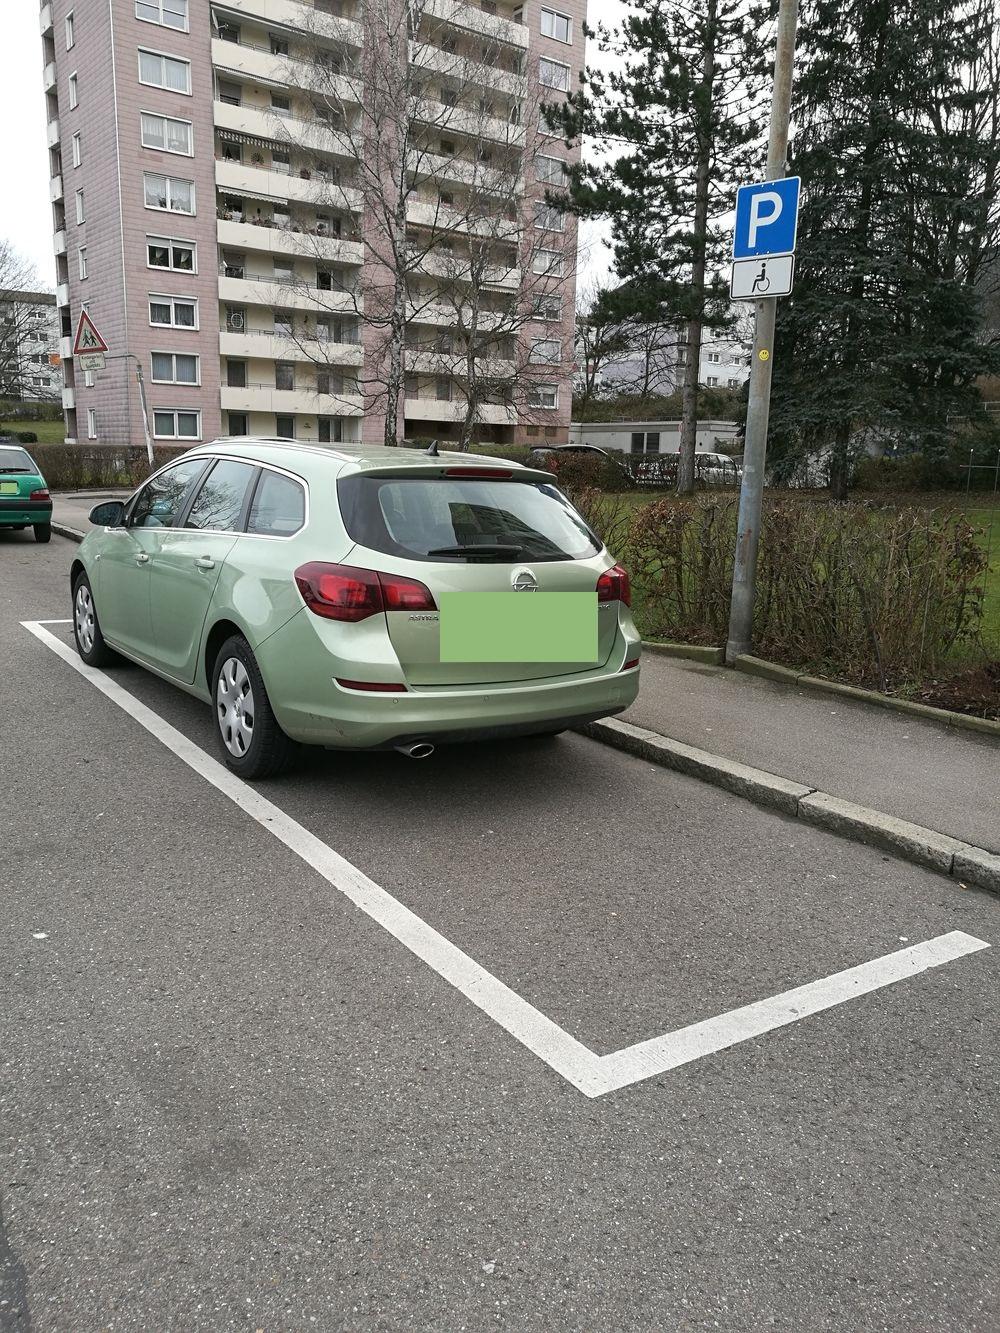 1 Behindertenparkplatz im Grenzweg